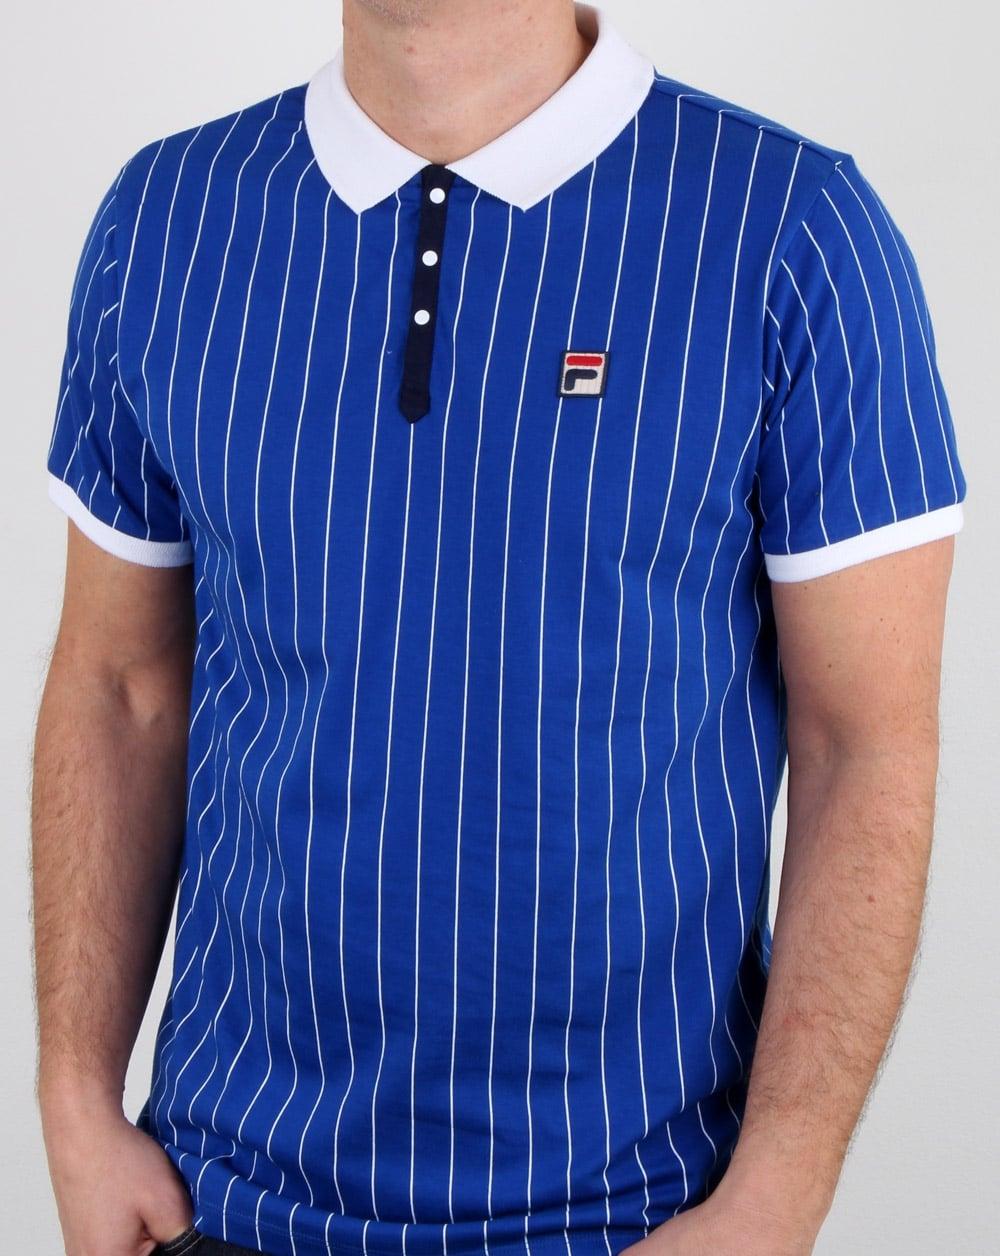 0dc8a0258b272 Fila Vintage Bb1 Polo Shirt Blue,Mens,Polo,Stripe,Bjorn Borg,Wimbledon